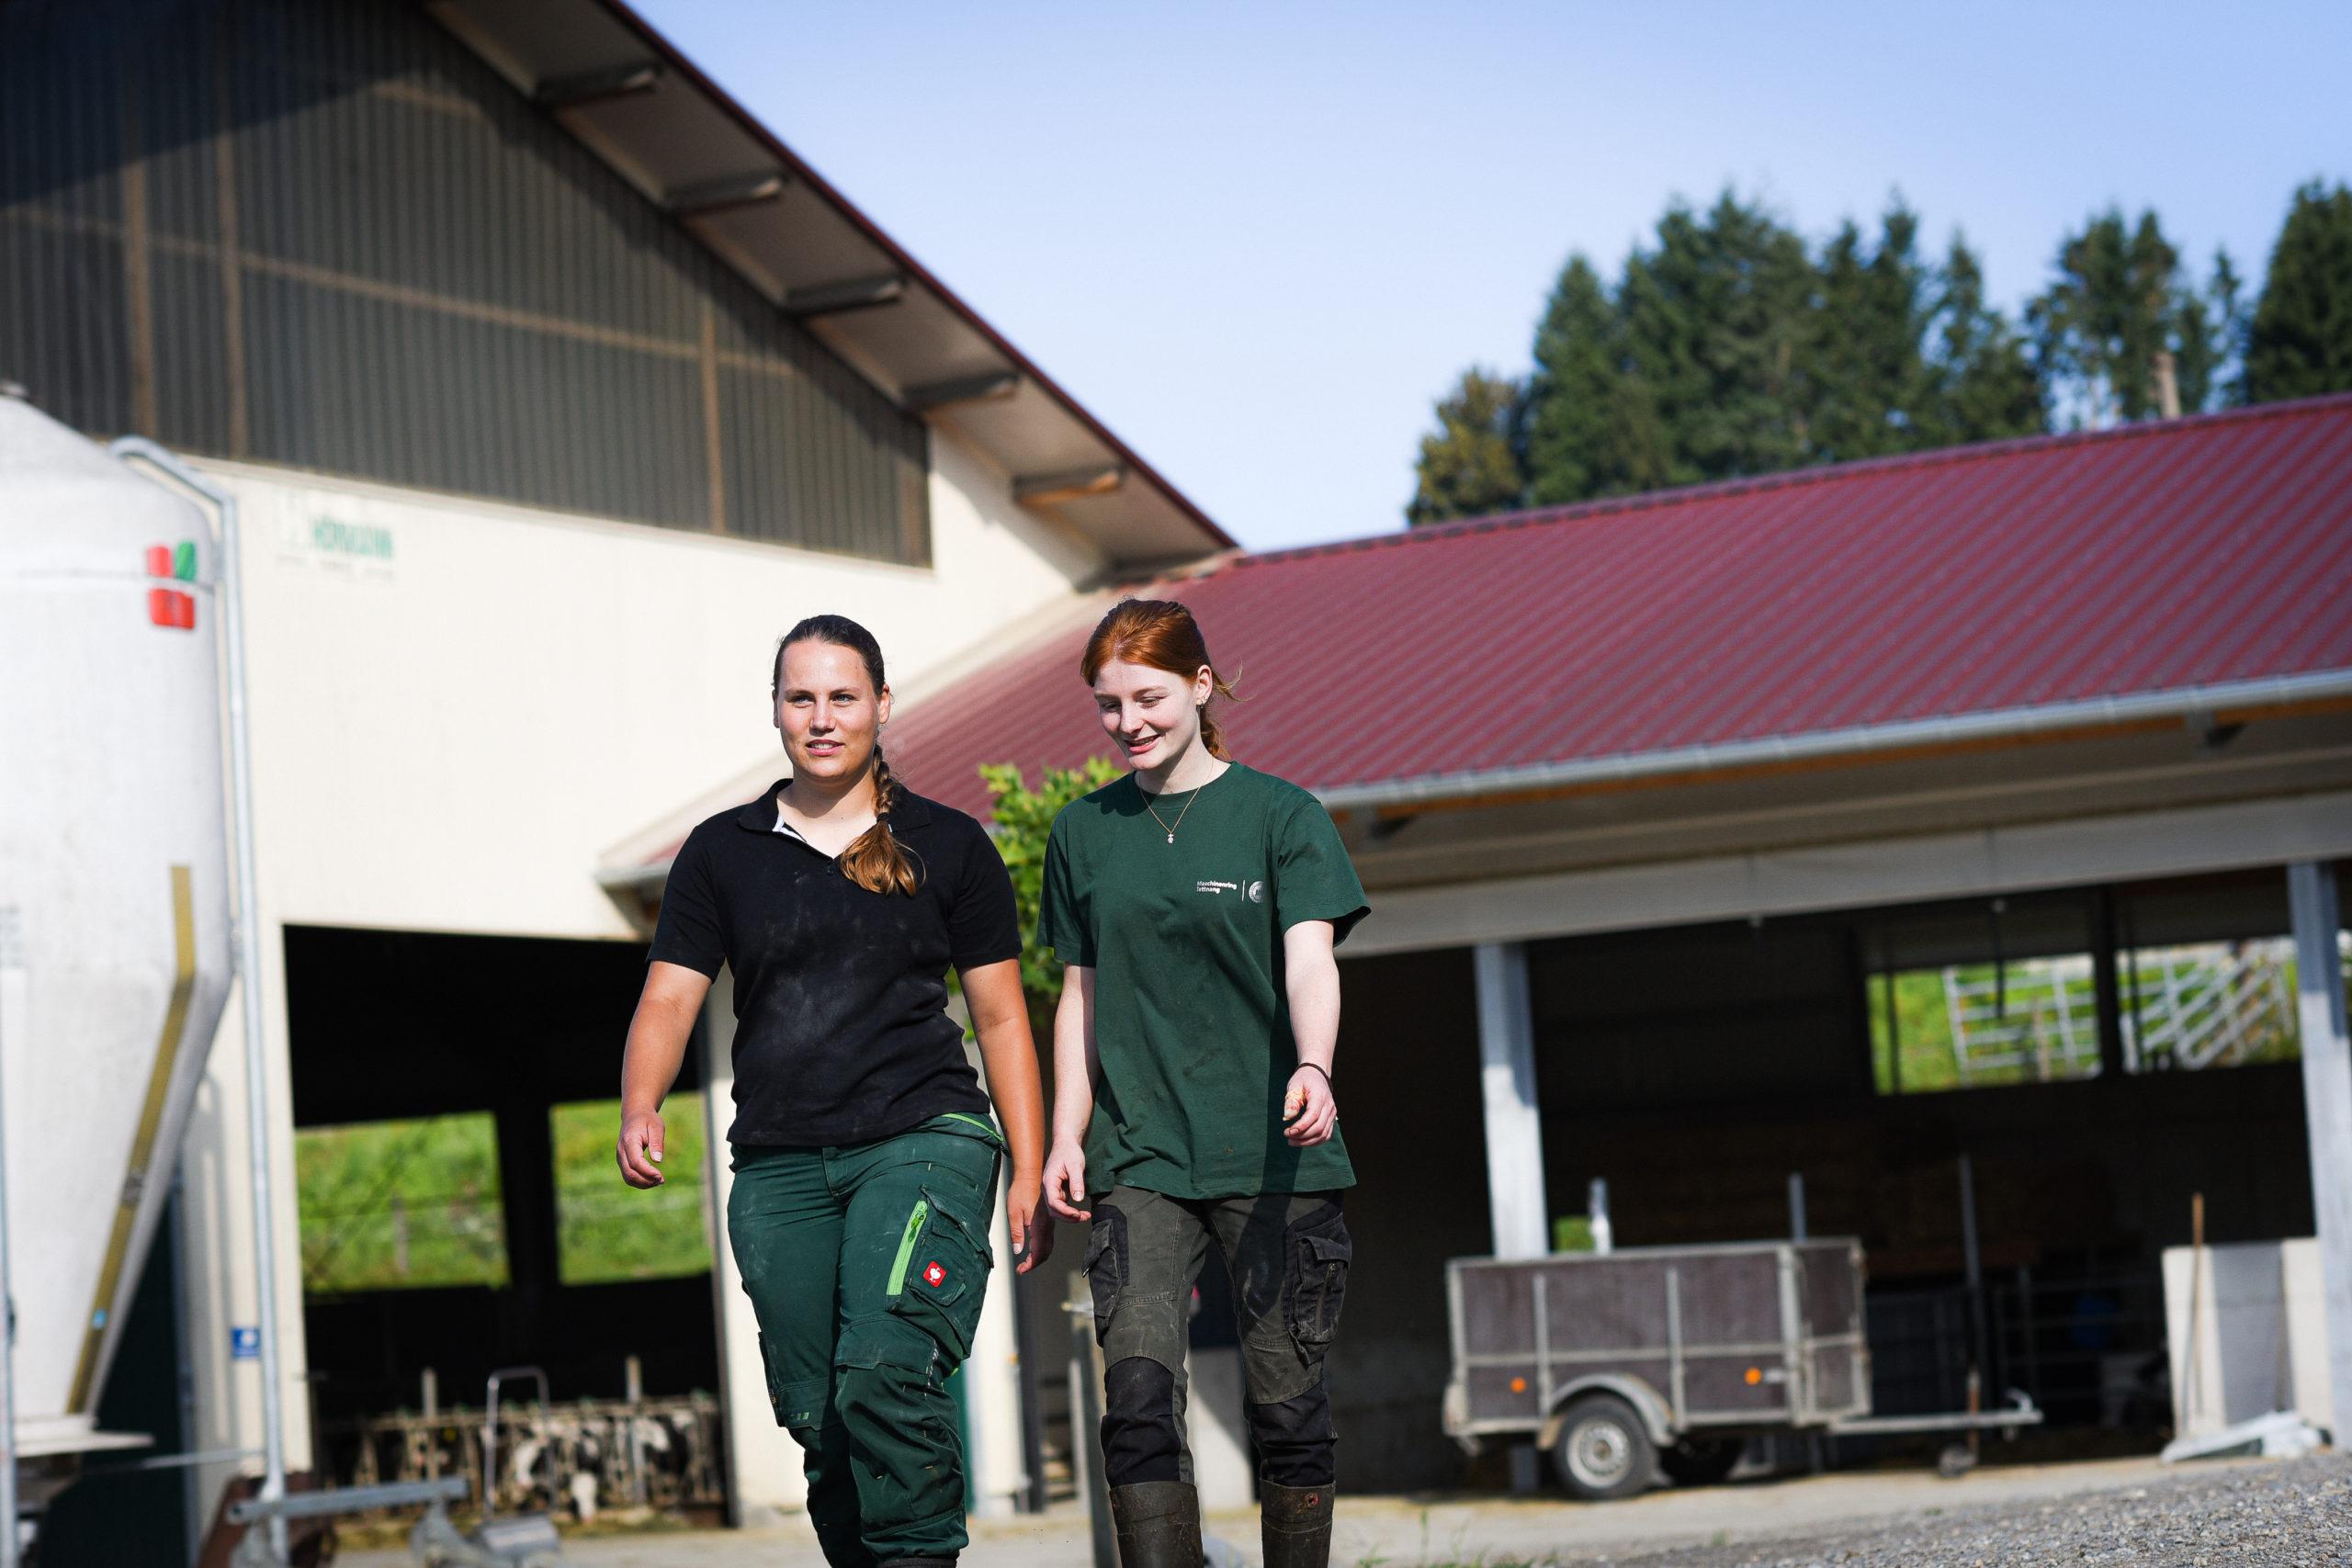 zwei betriebshelferinnen auf einem bauernhof